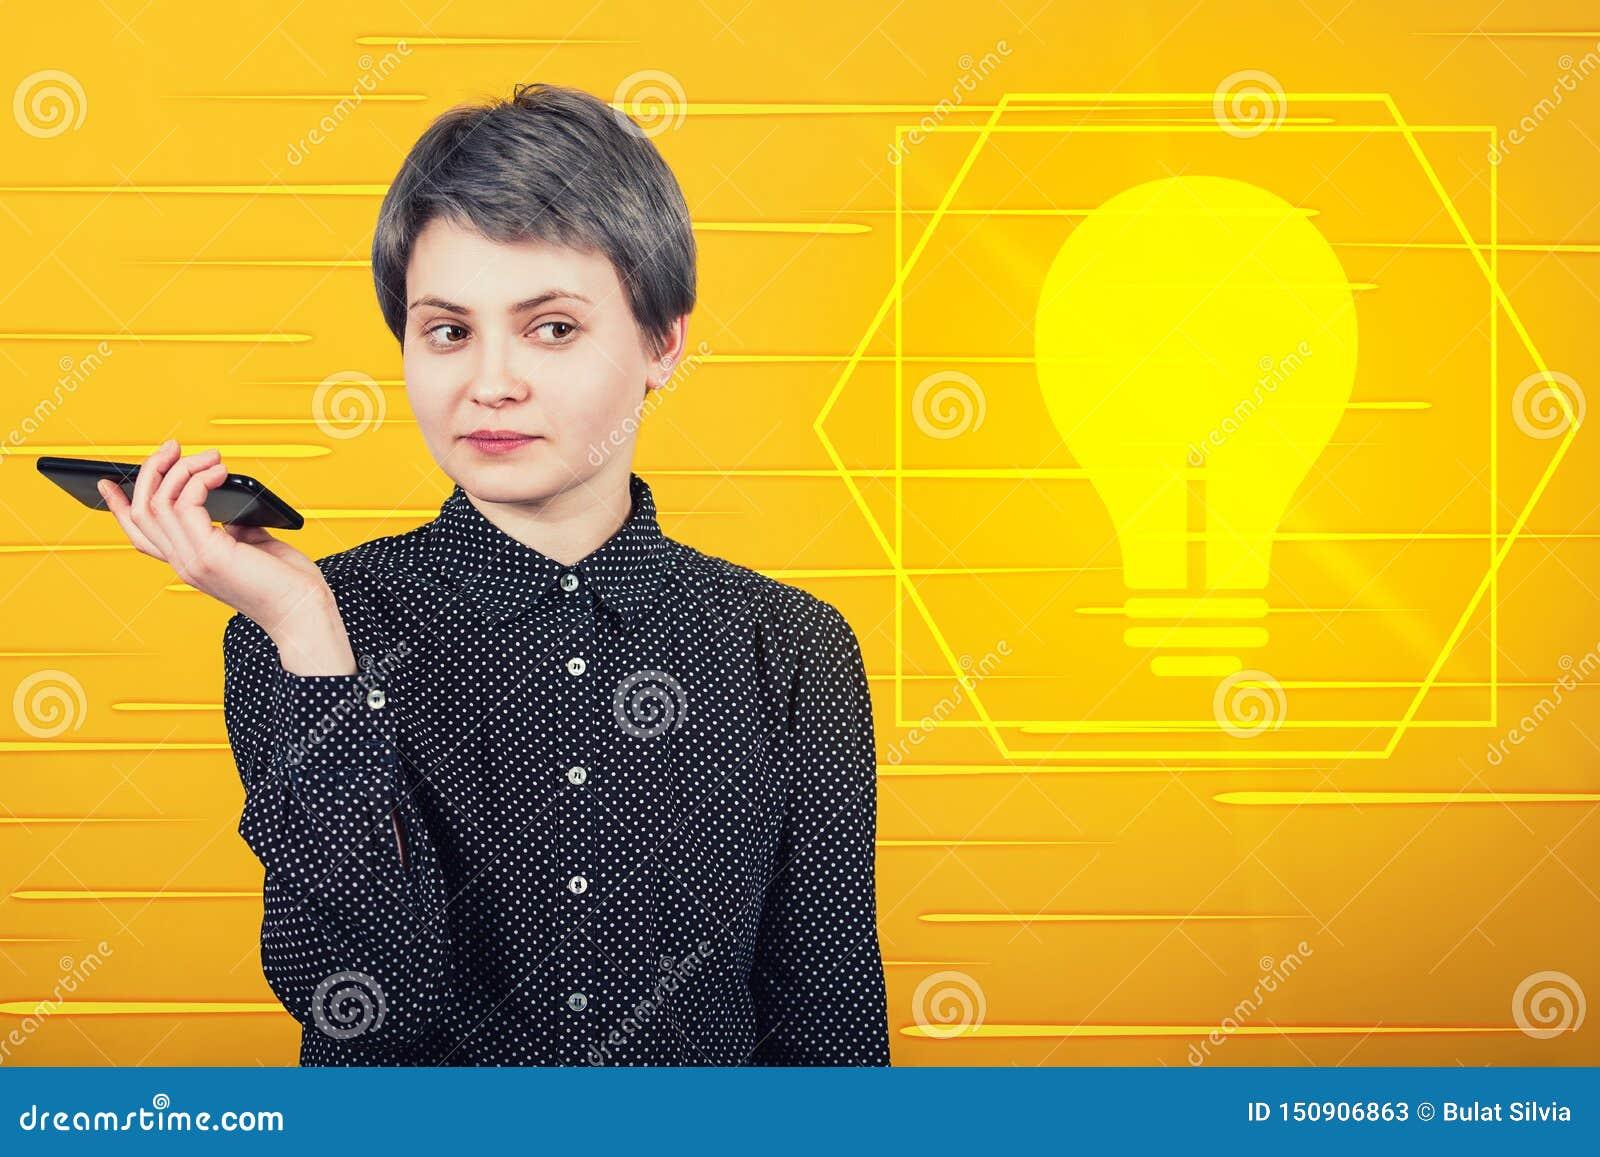 Σκεπτική επιχειρηματίας που κρατά το κινητό τηλέφωνο σκέψη μια καινοτόμο ιδέα ως σύμβολο λαμπών φωτός που λάμπει σε κίτρινο